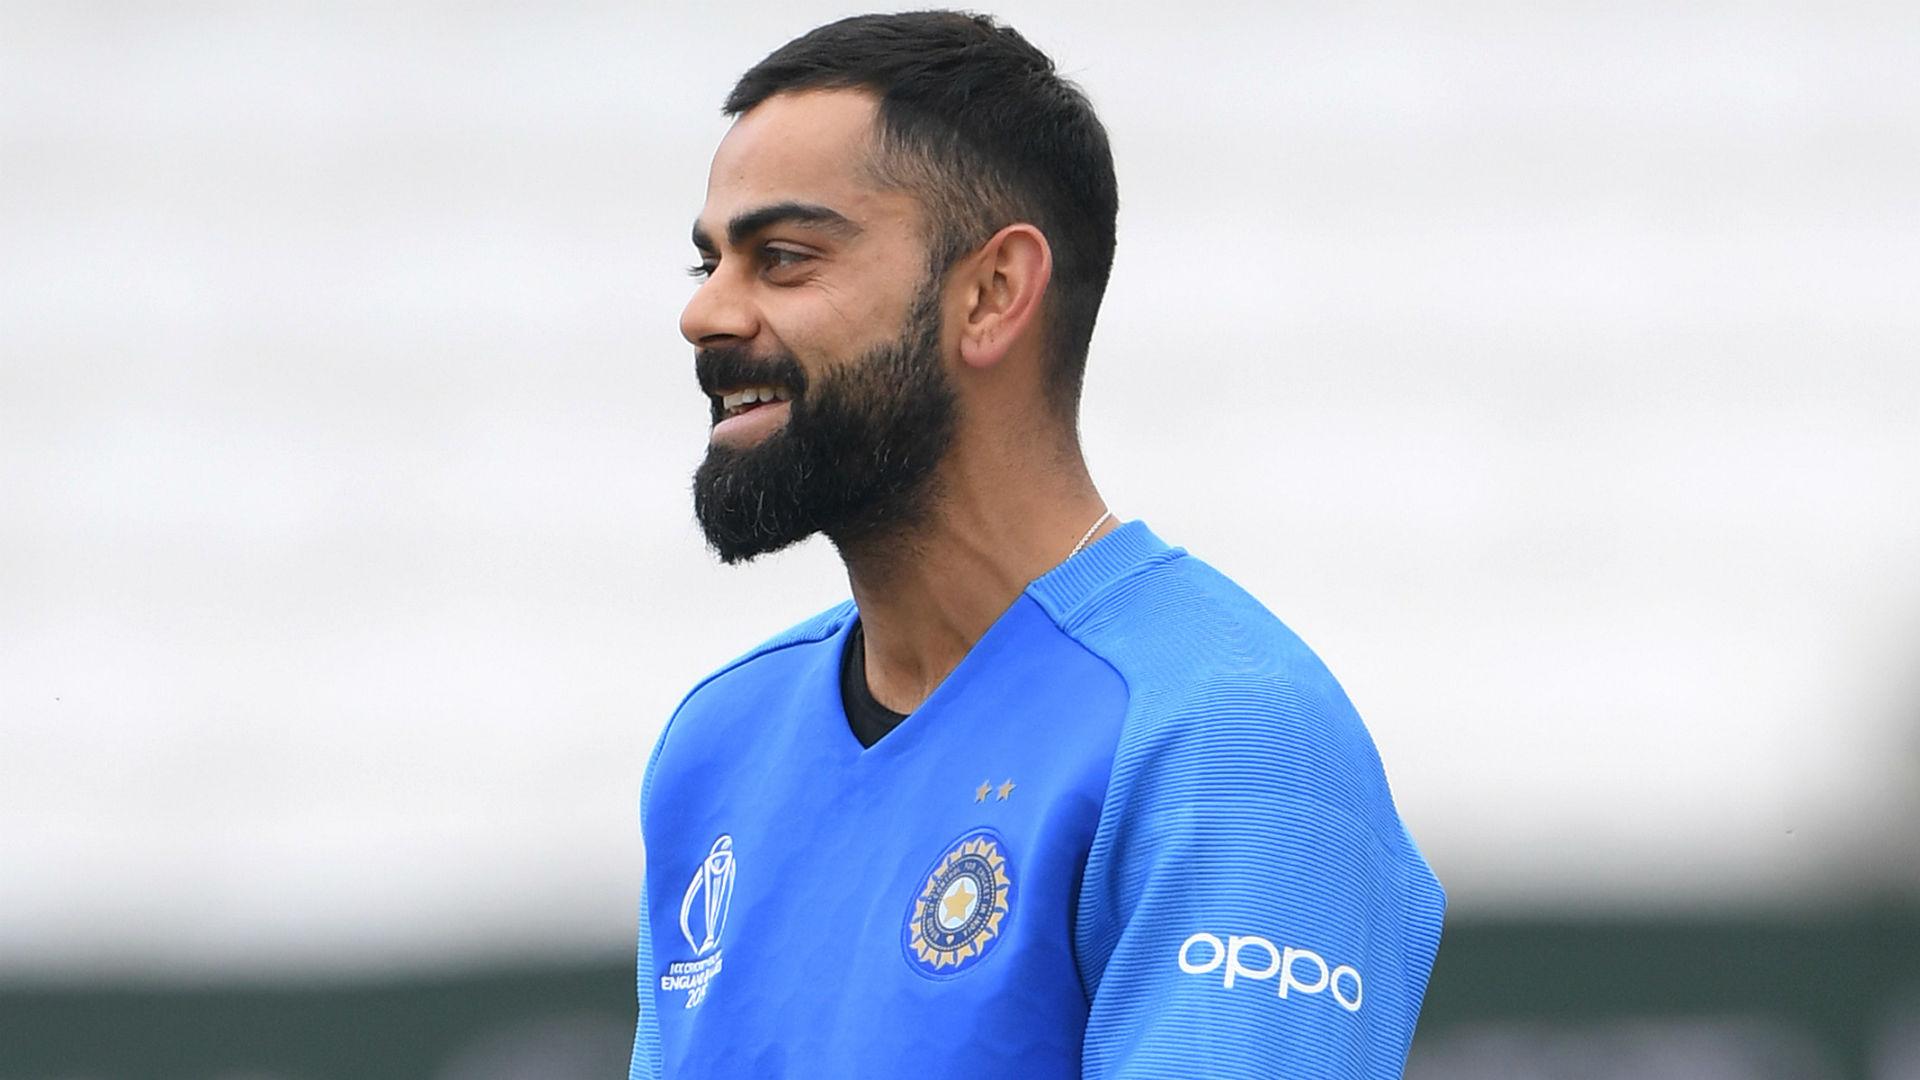 Padikkal century joy and Kohli passes landmark in crushing RCB win